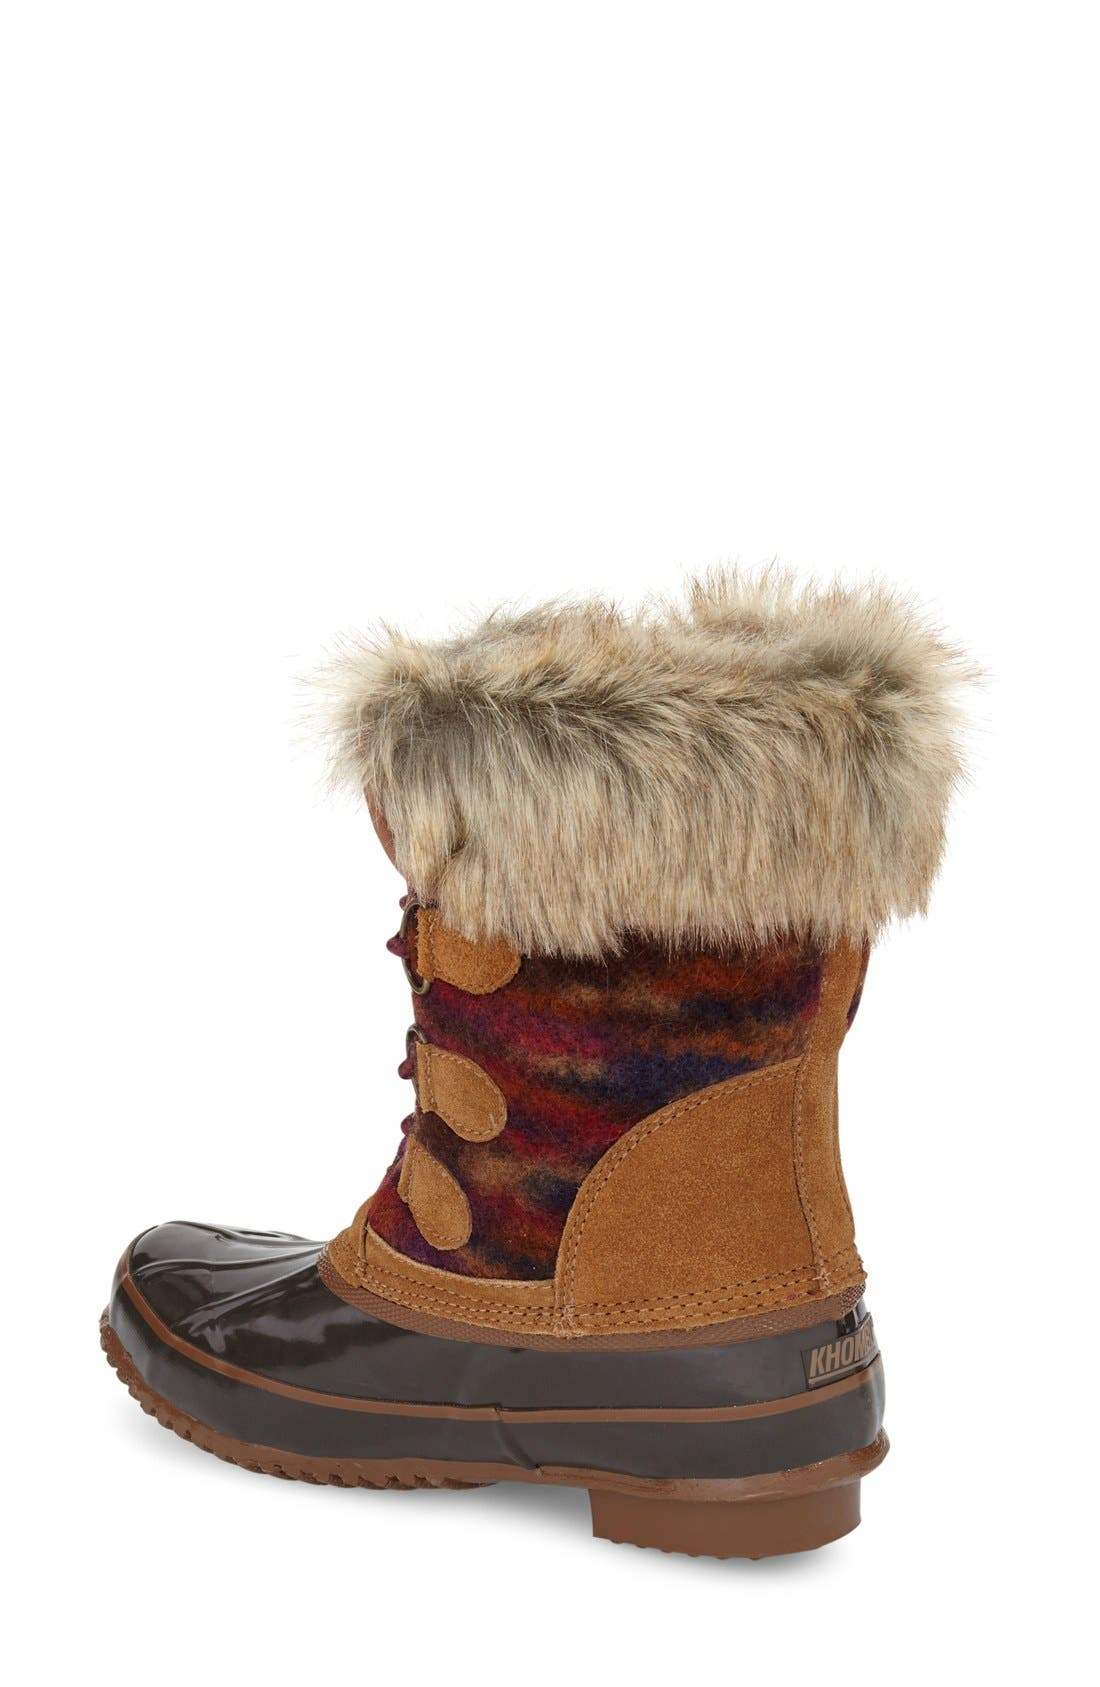 Alternate Image 2  - Khombu Lace-Up Winter Boot (Women)